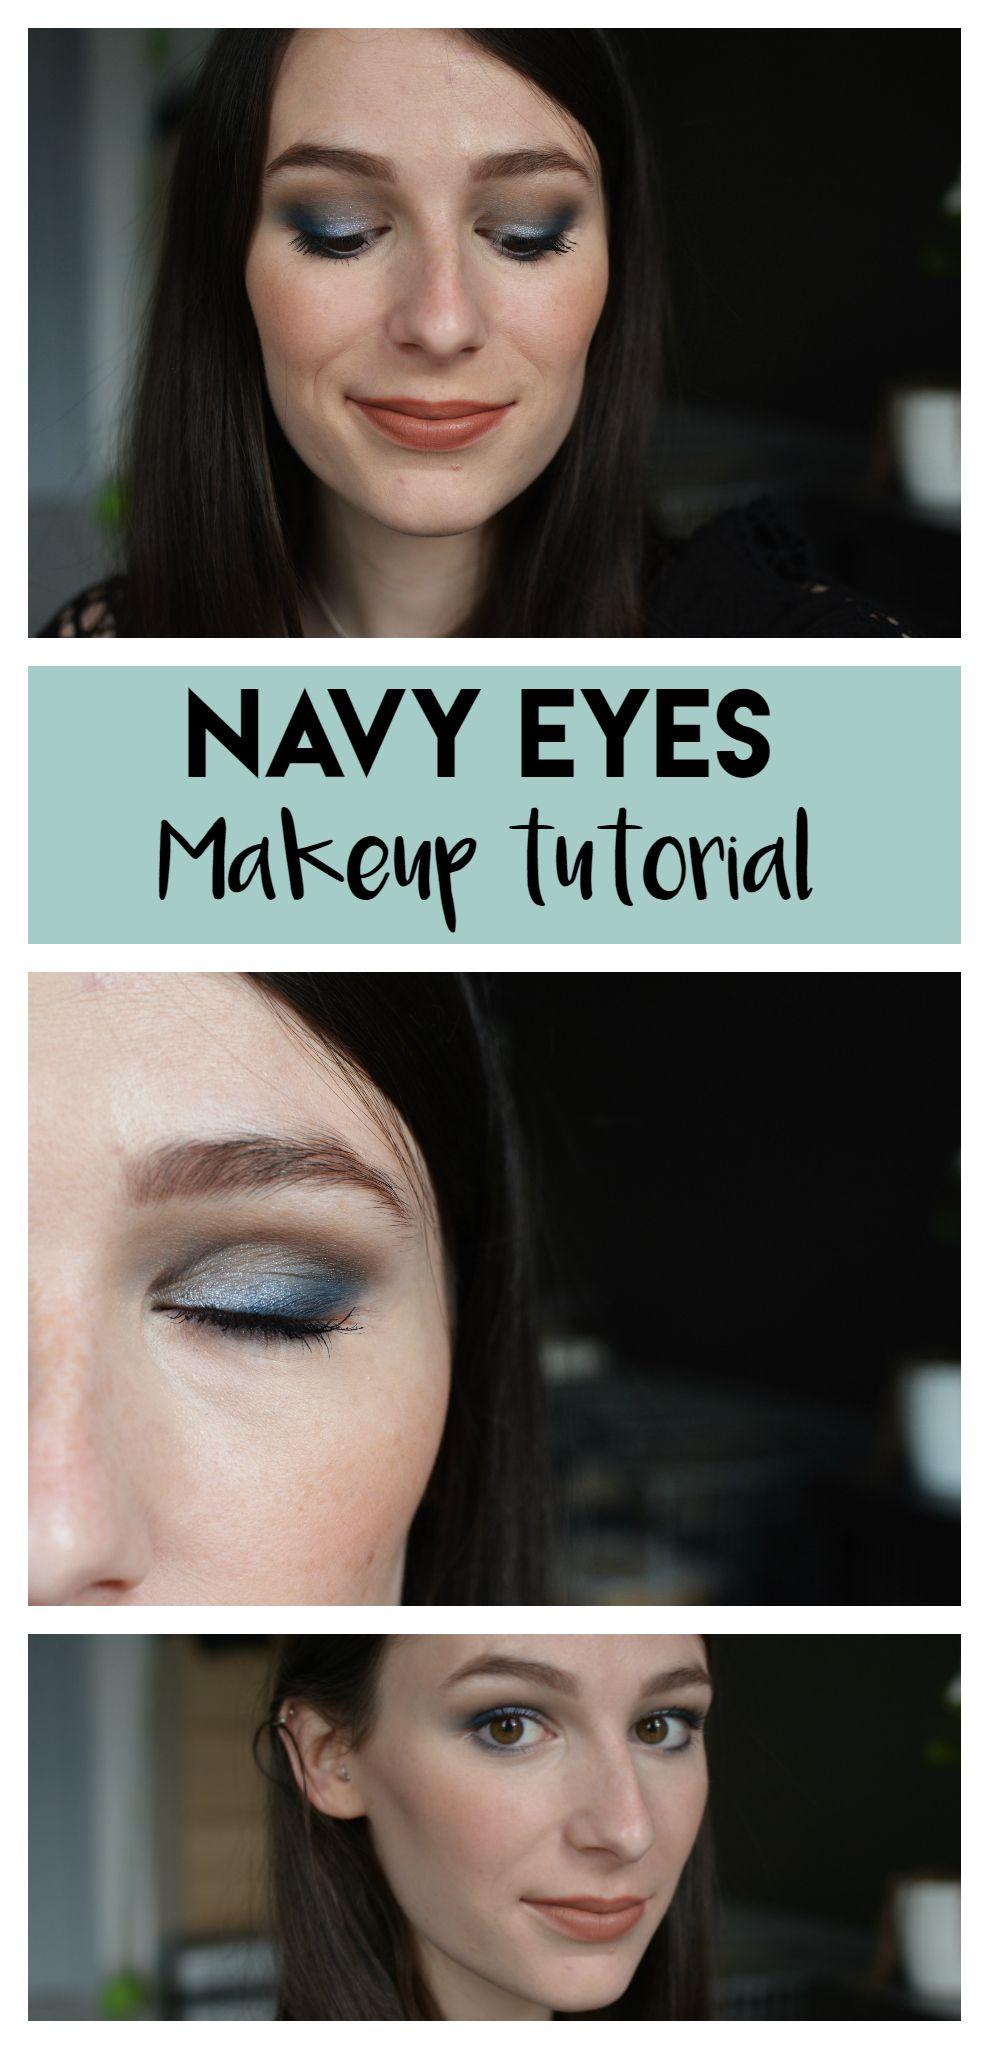 Maquillage de soirée bleu marine argenté